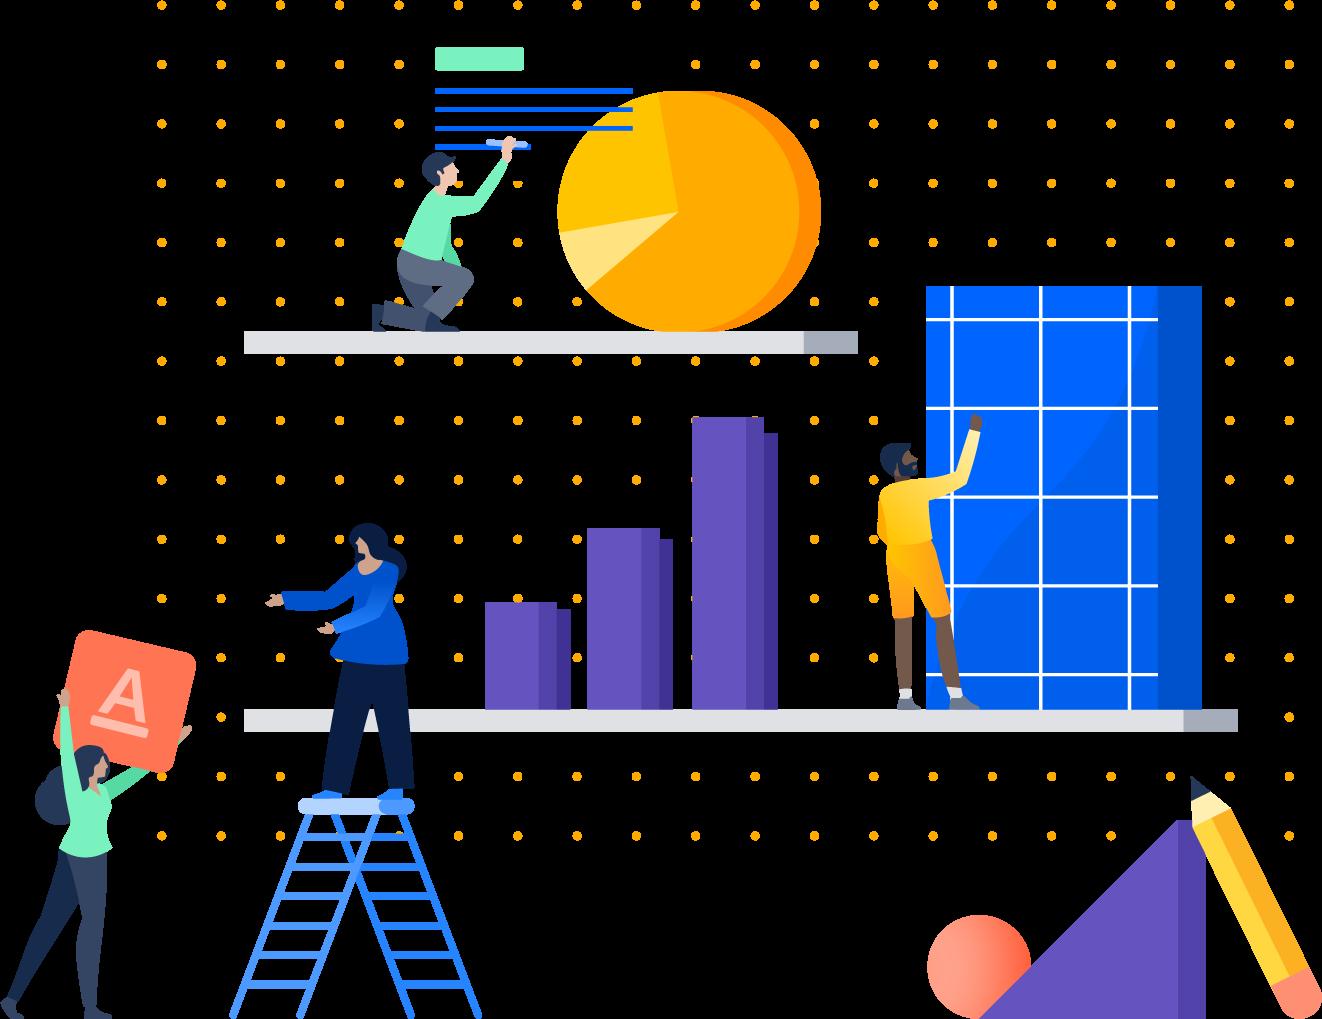 Ilustración de personas apilando objetos en un estante